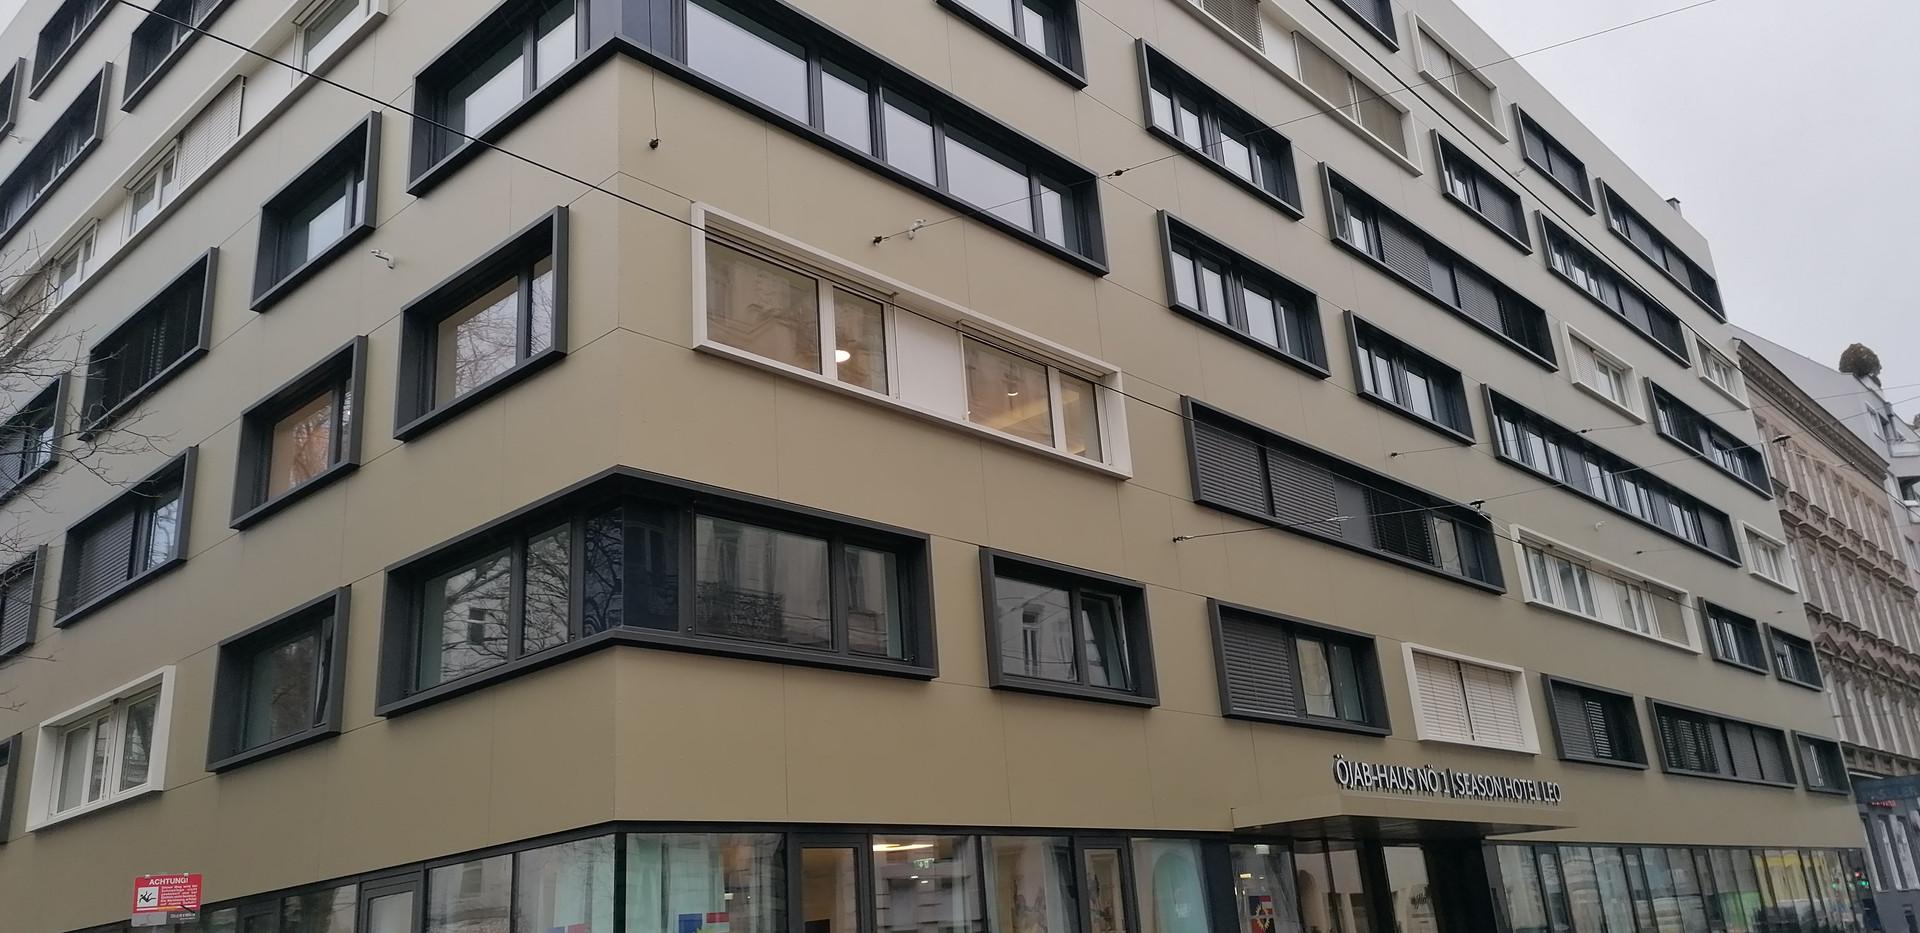 ÖJAB Haus Niederösterreich 1